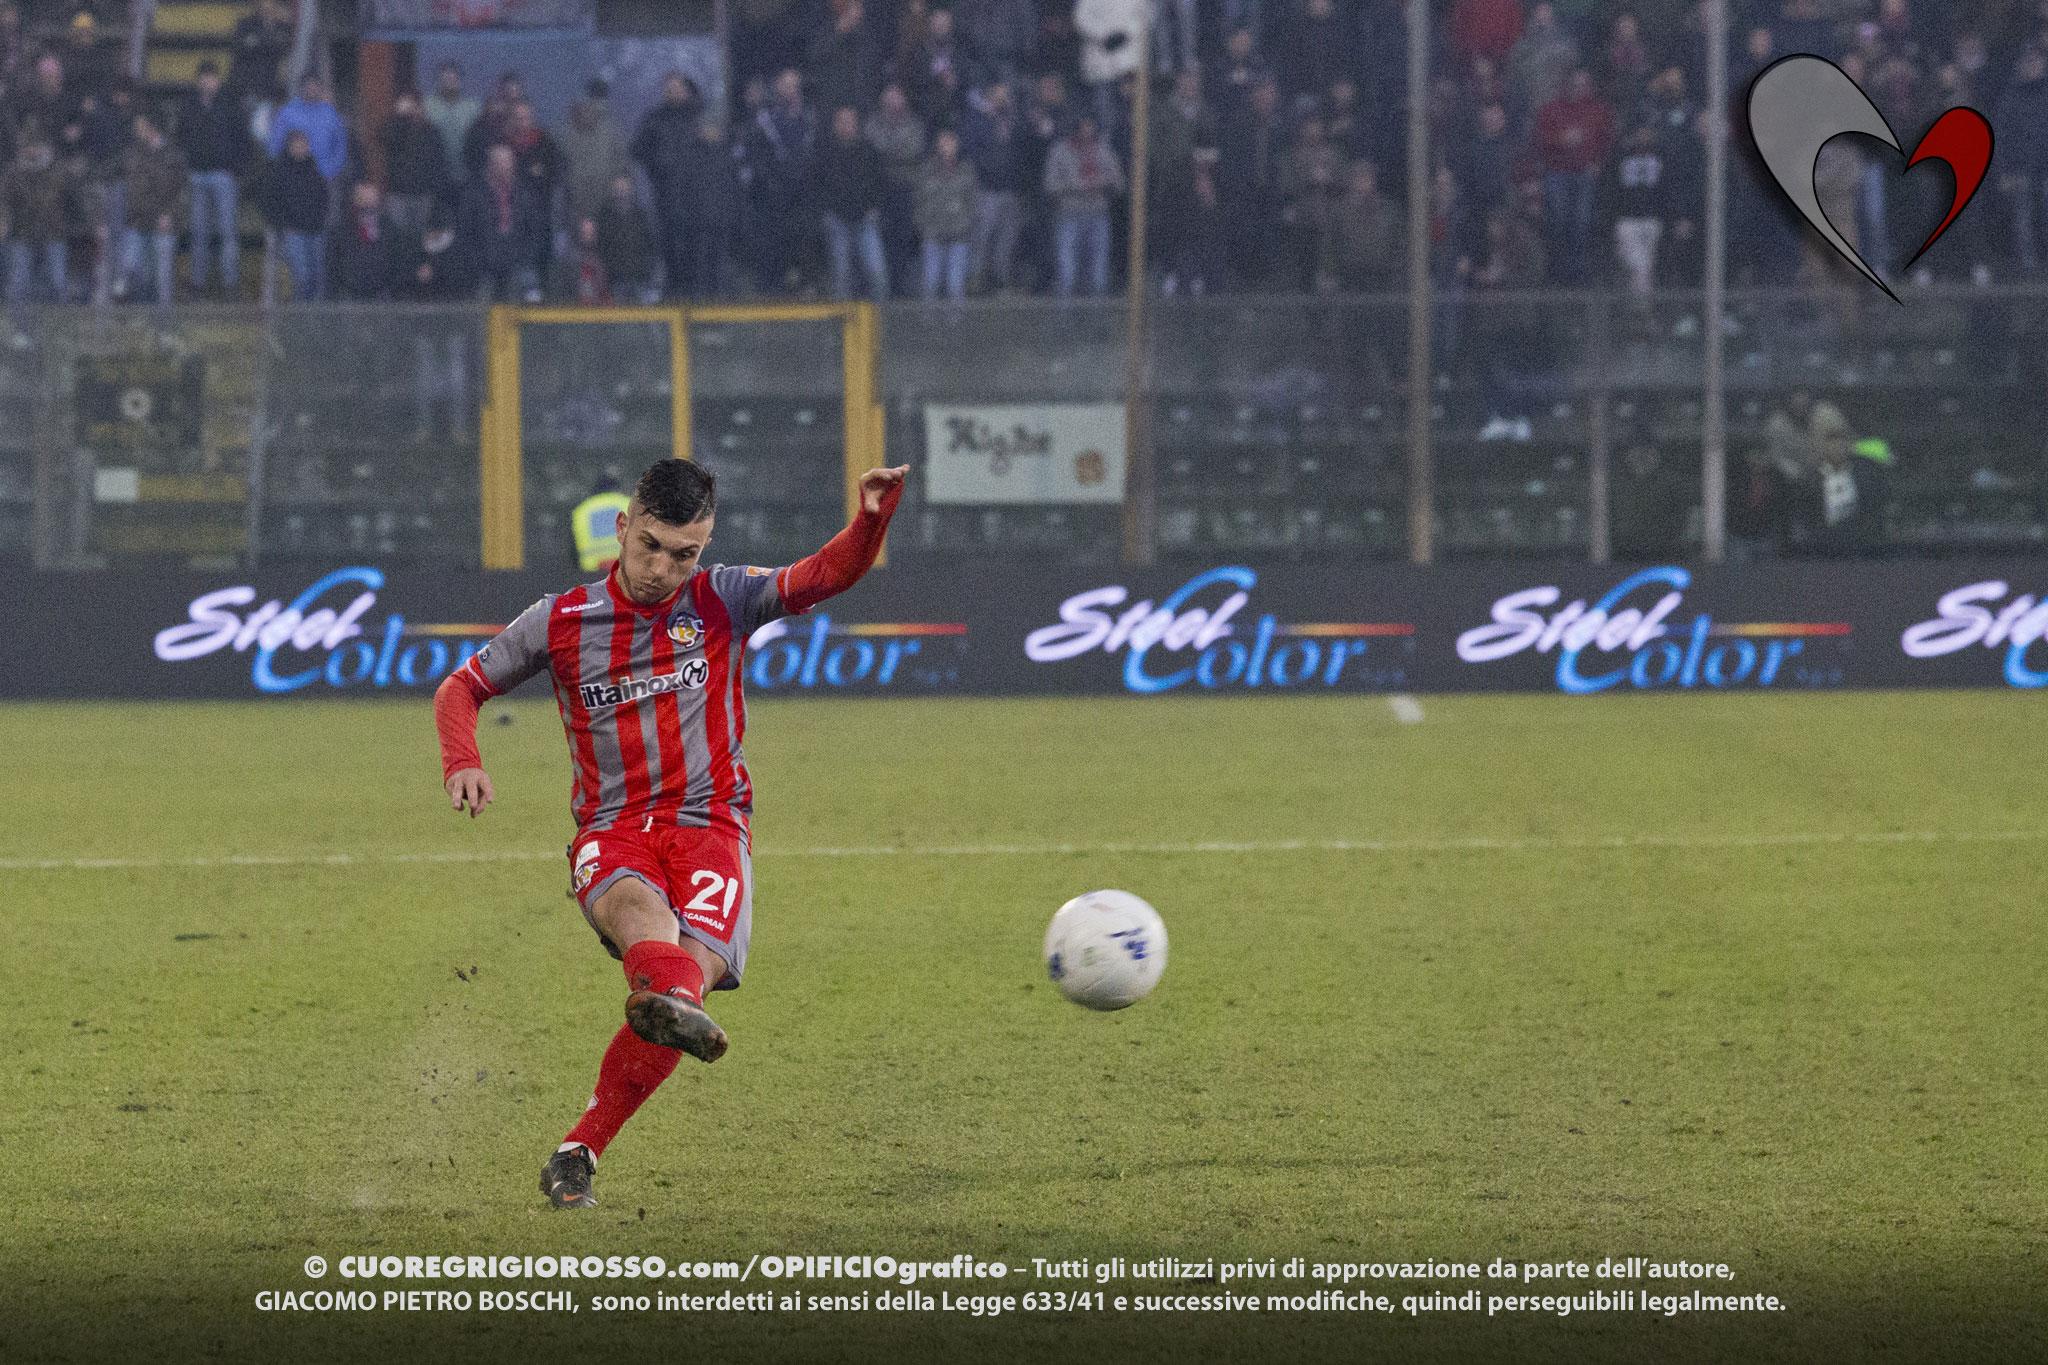 Strefezza: «Tante occasioni, spero di tornare in gol presto»